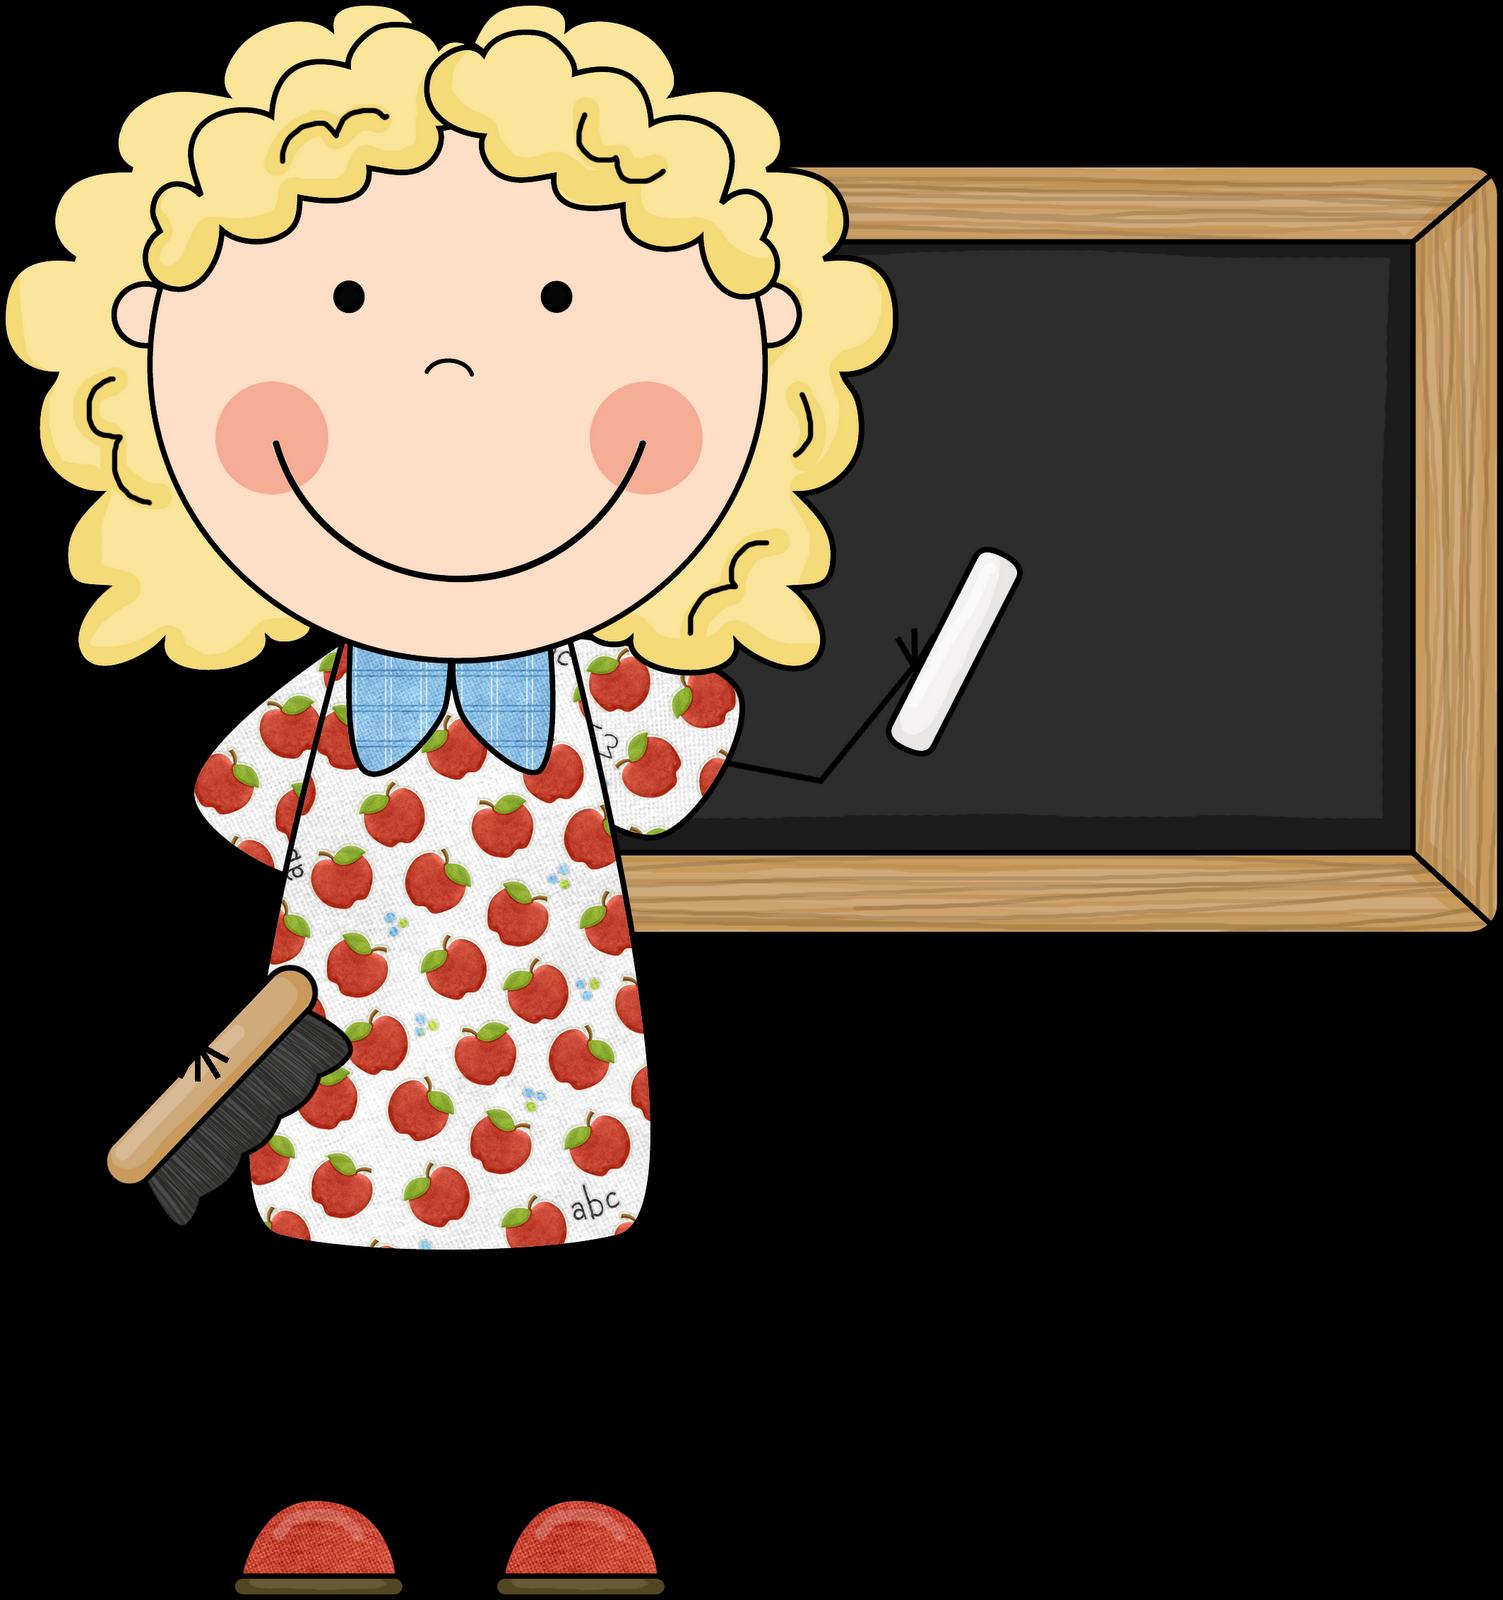 Kindergarten teacher clip art free clipart images